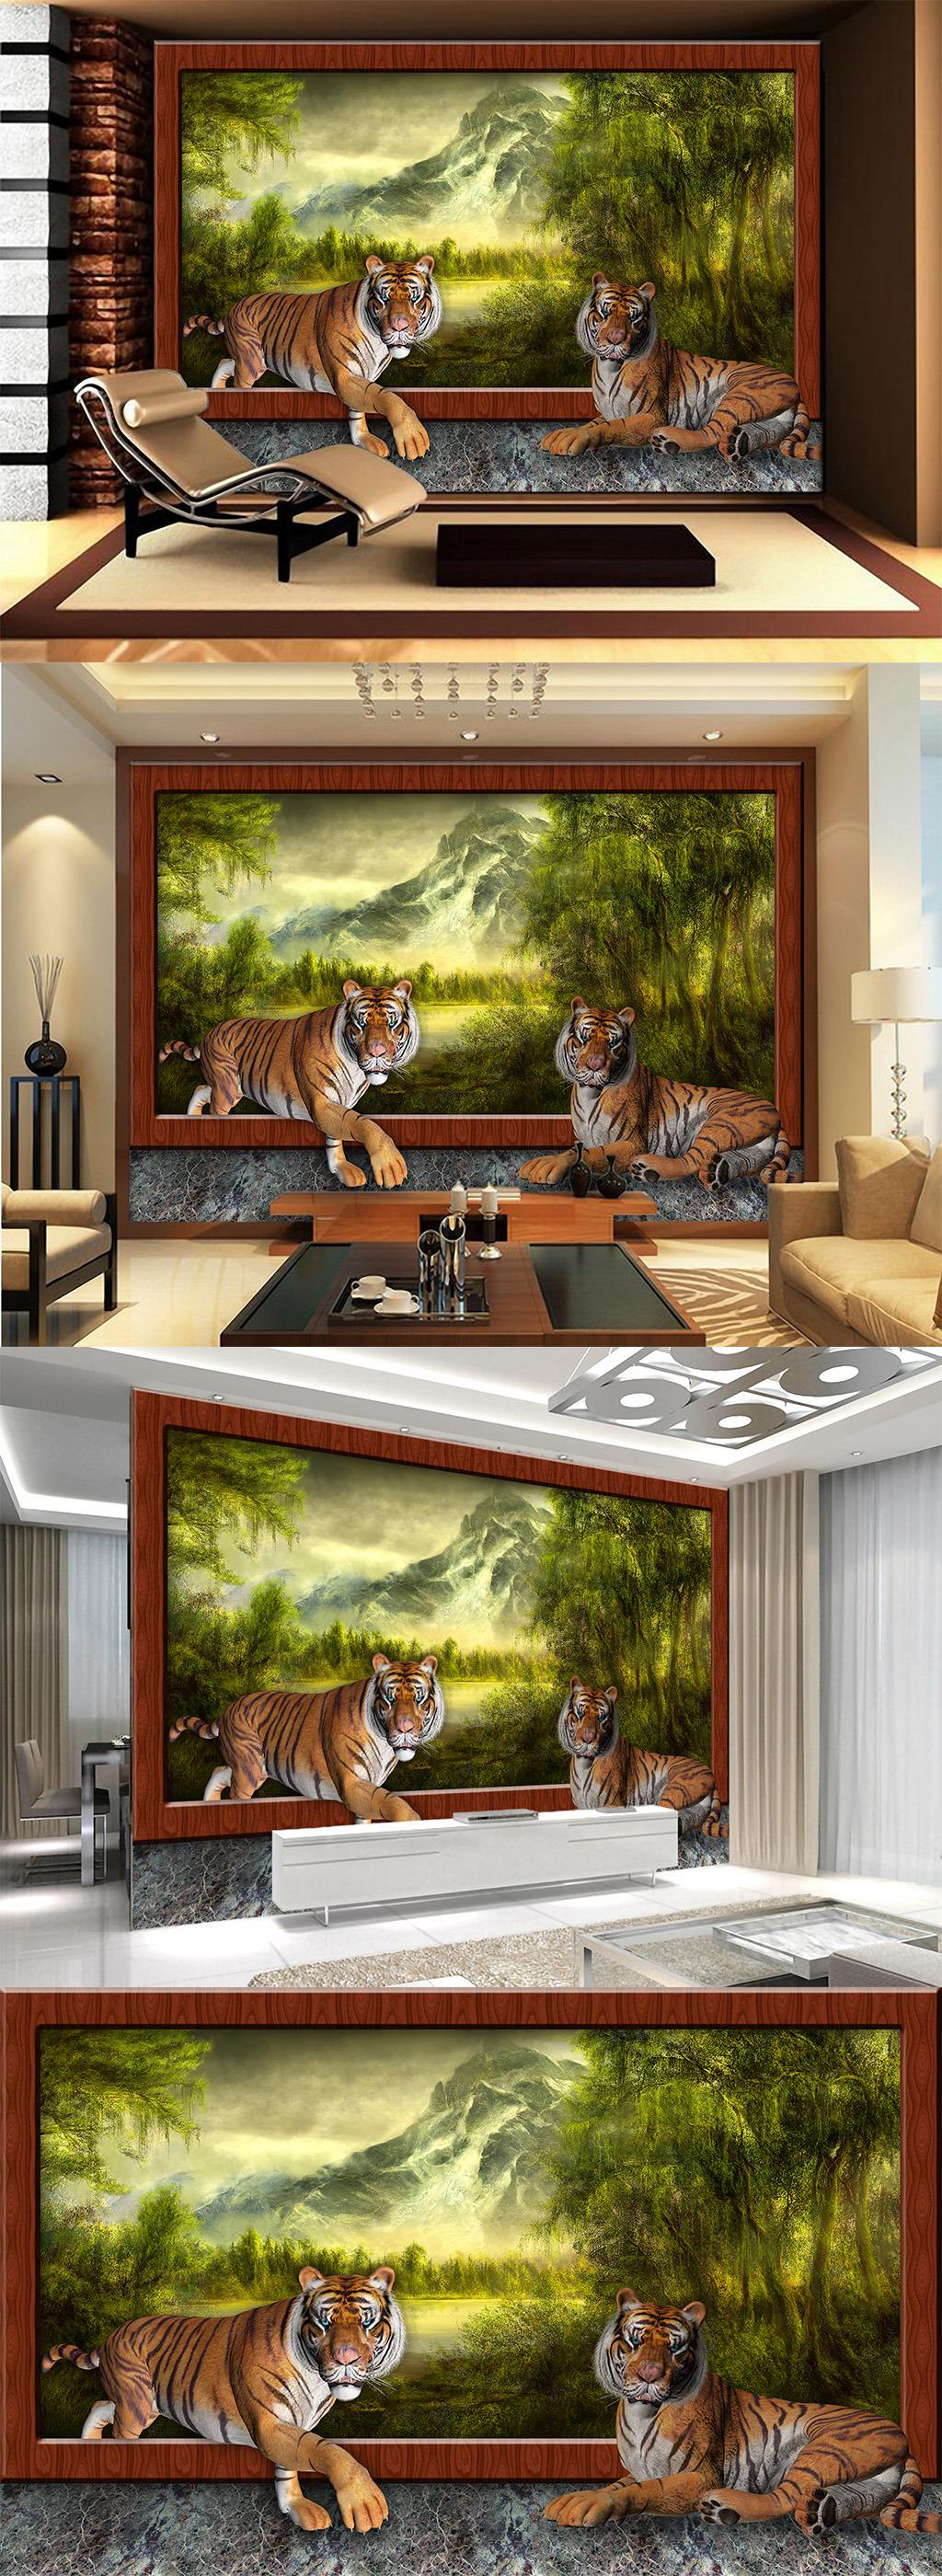 景色 老虎 动物 野生动物 树林 森林 树木 河流 山 高山 瀑布 相框